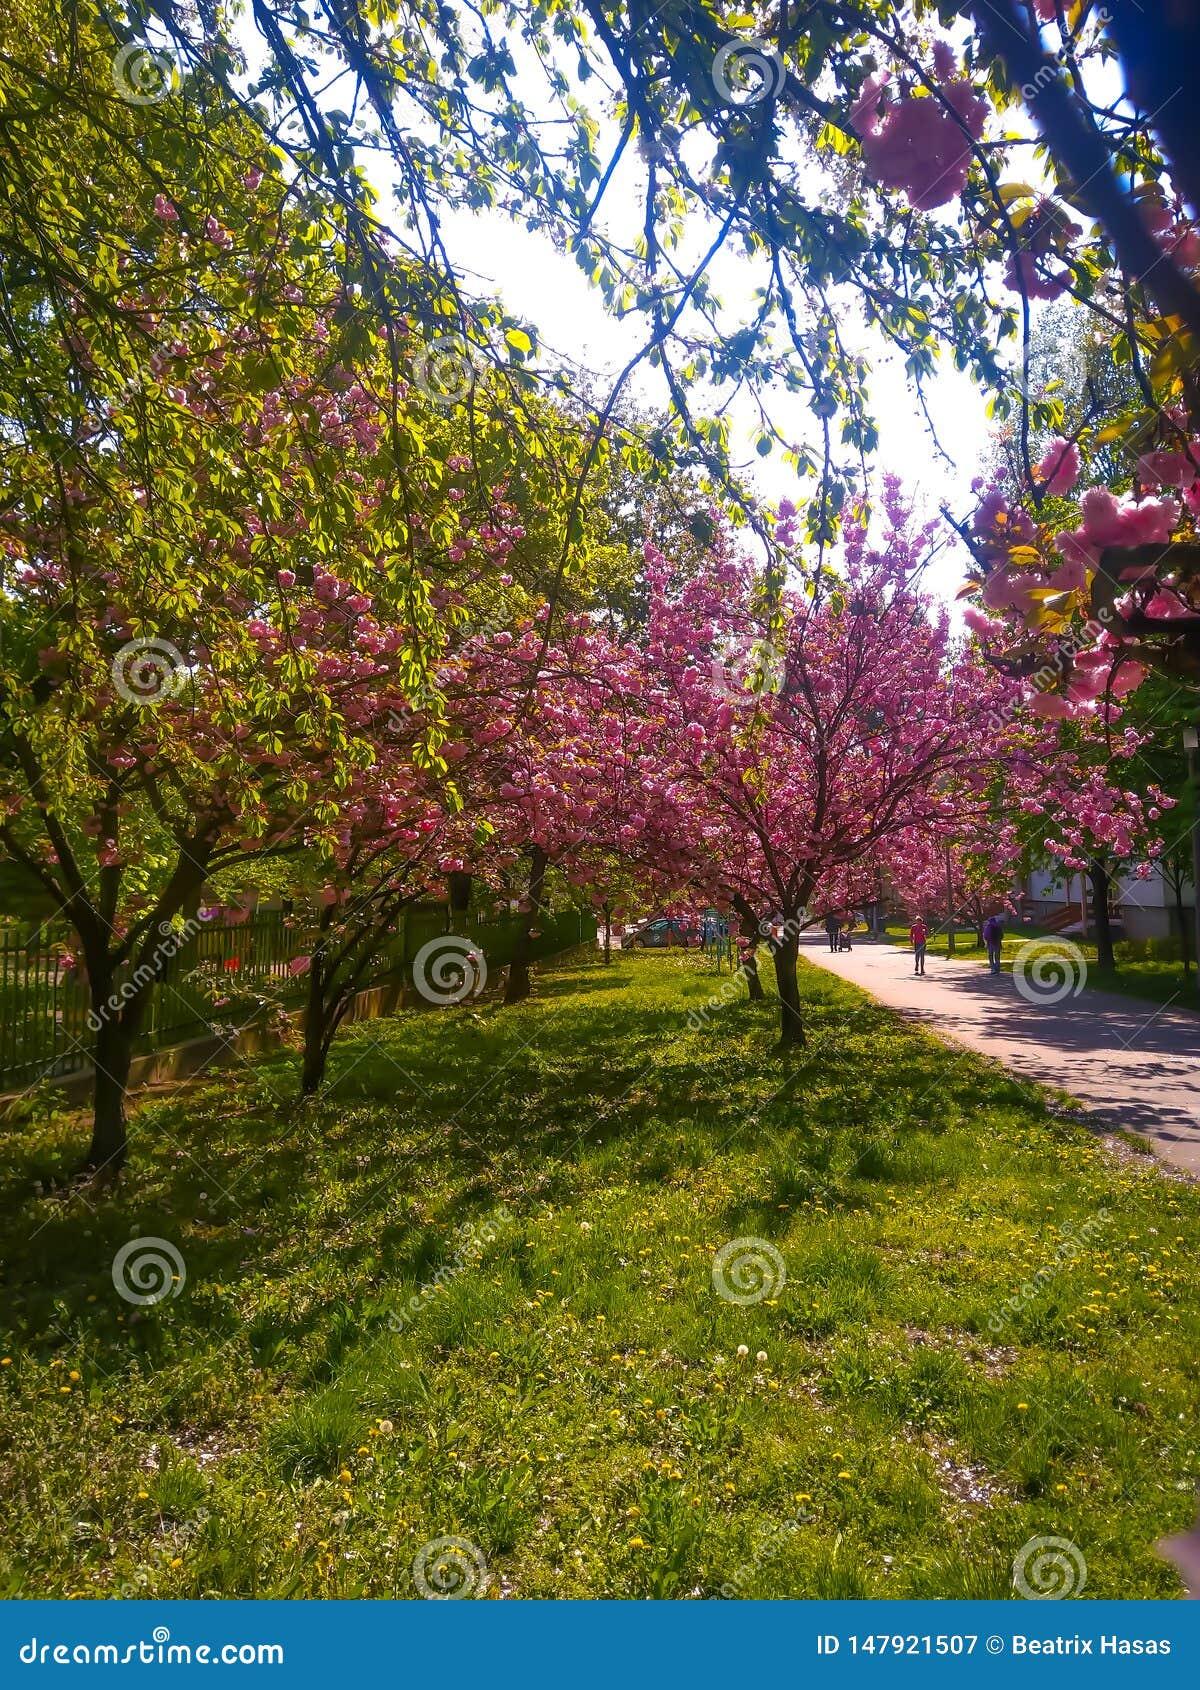 Frühling ist die beste Jahreszeit im Jahr